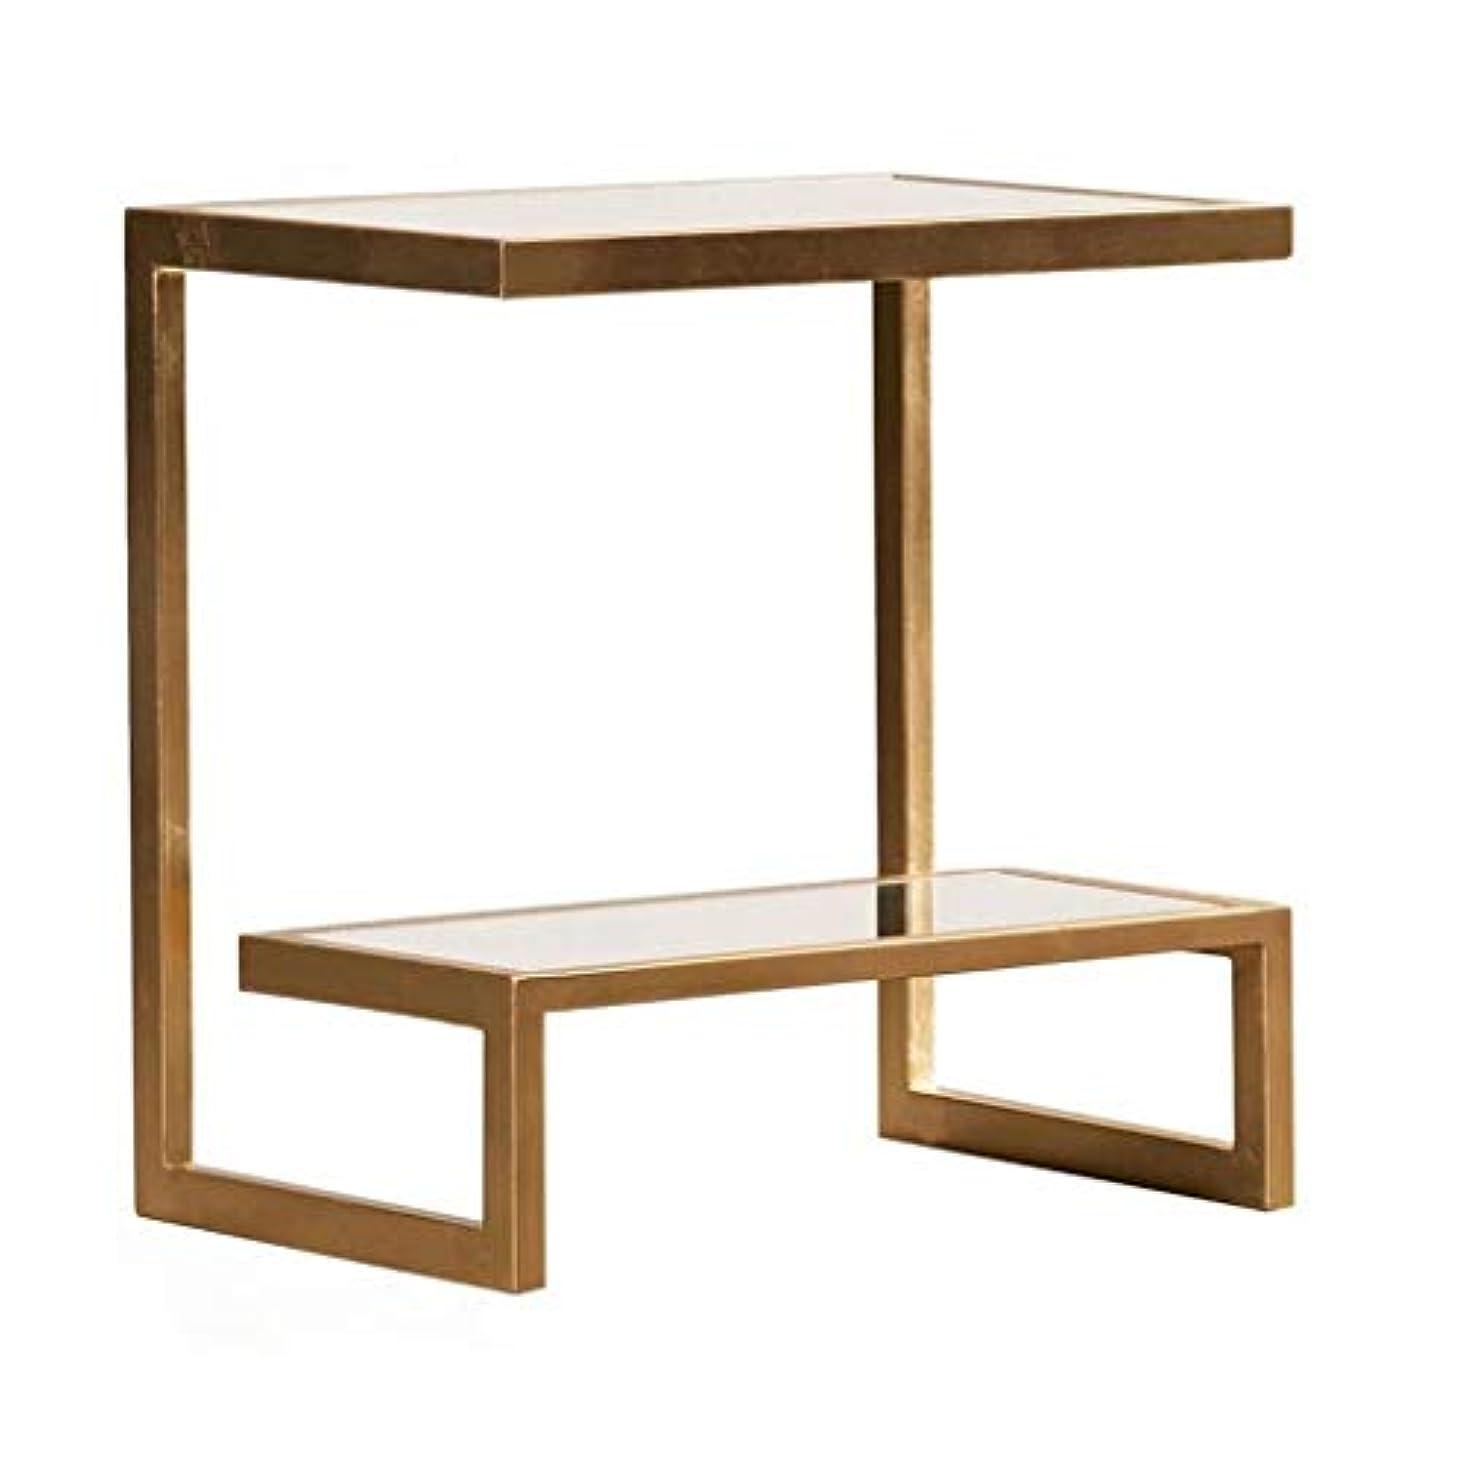 子供達場合場合HY サイドテーブル長方形、ガラス/サテンゴールドフィニッシュ家具50cmサイドテーブル - 強化ガラス